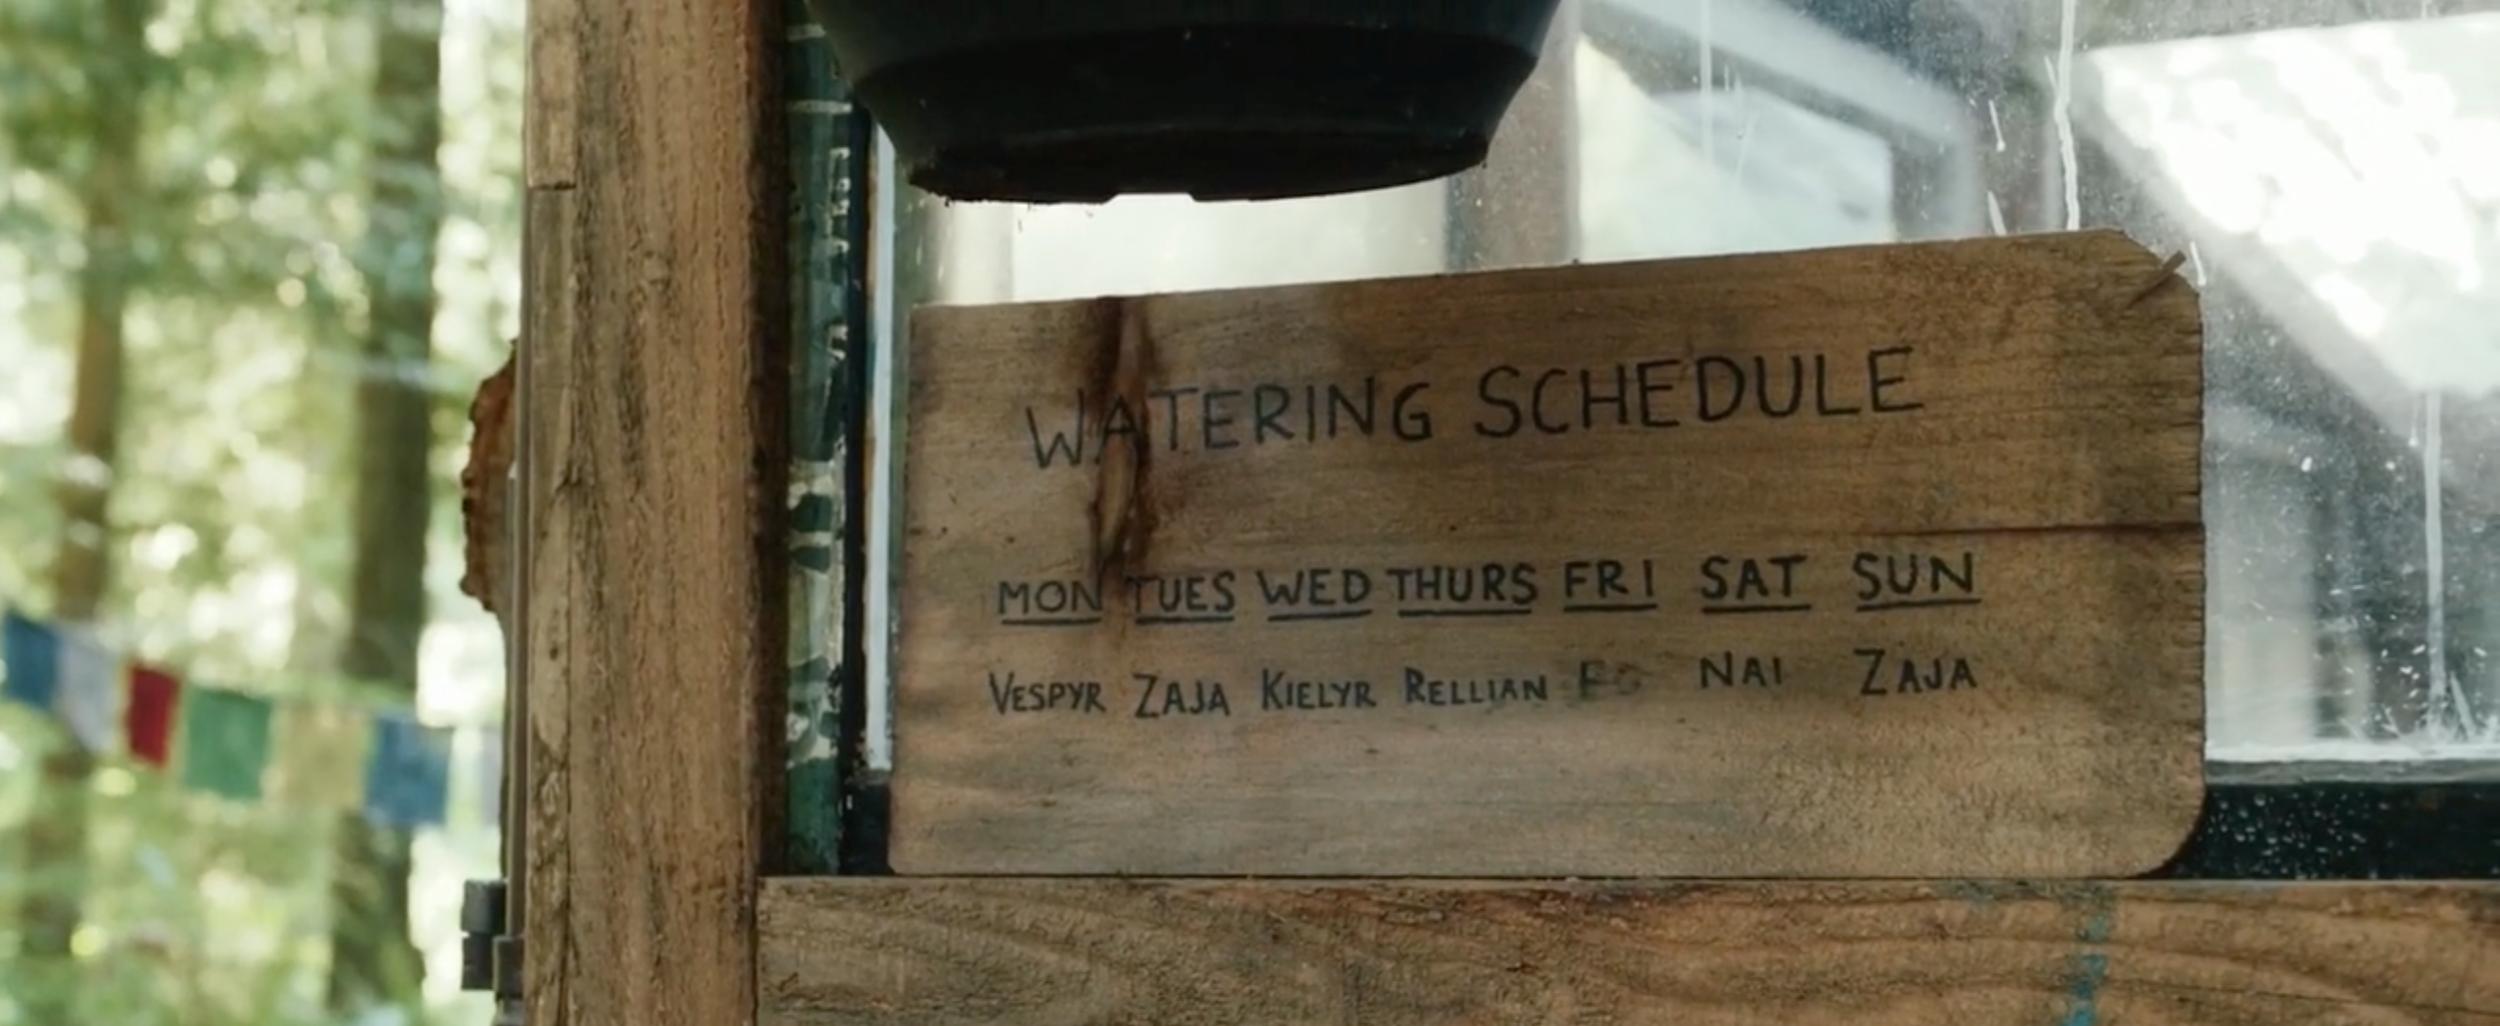 水汲み係のスケジュール表:ポルポト主義の三女ZAJA(サージ)だけ週に2回です。